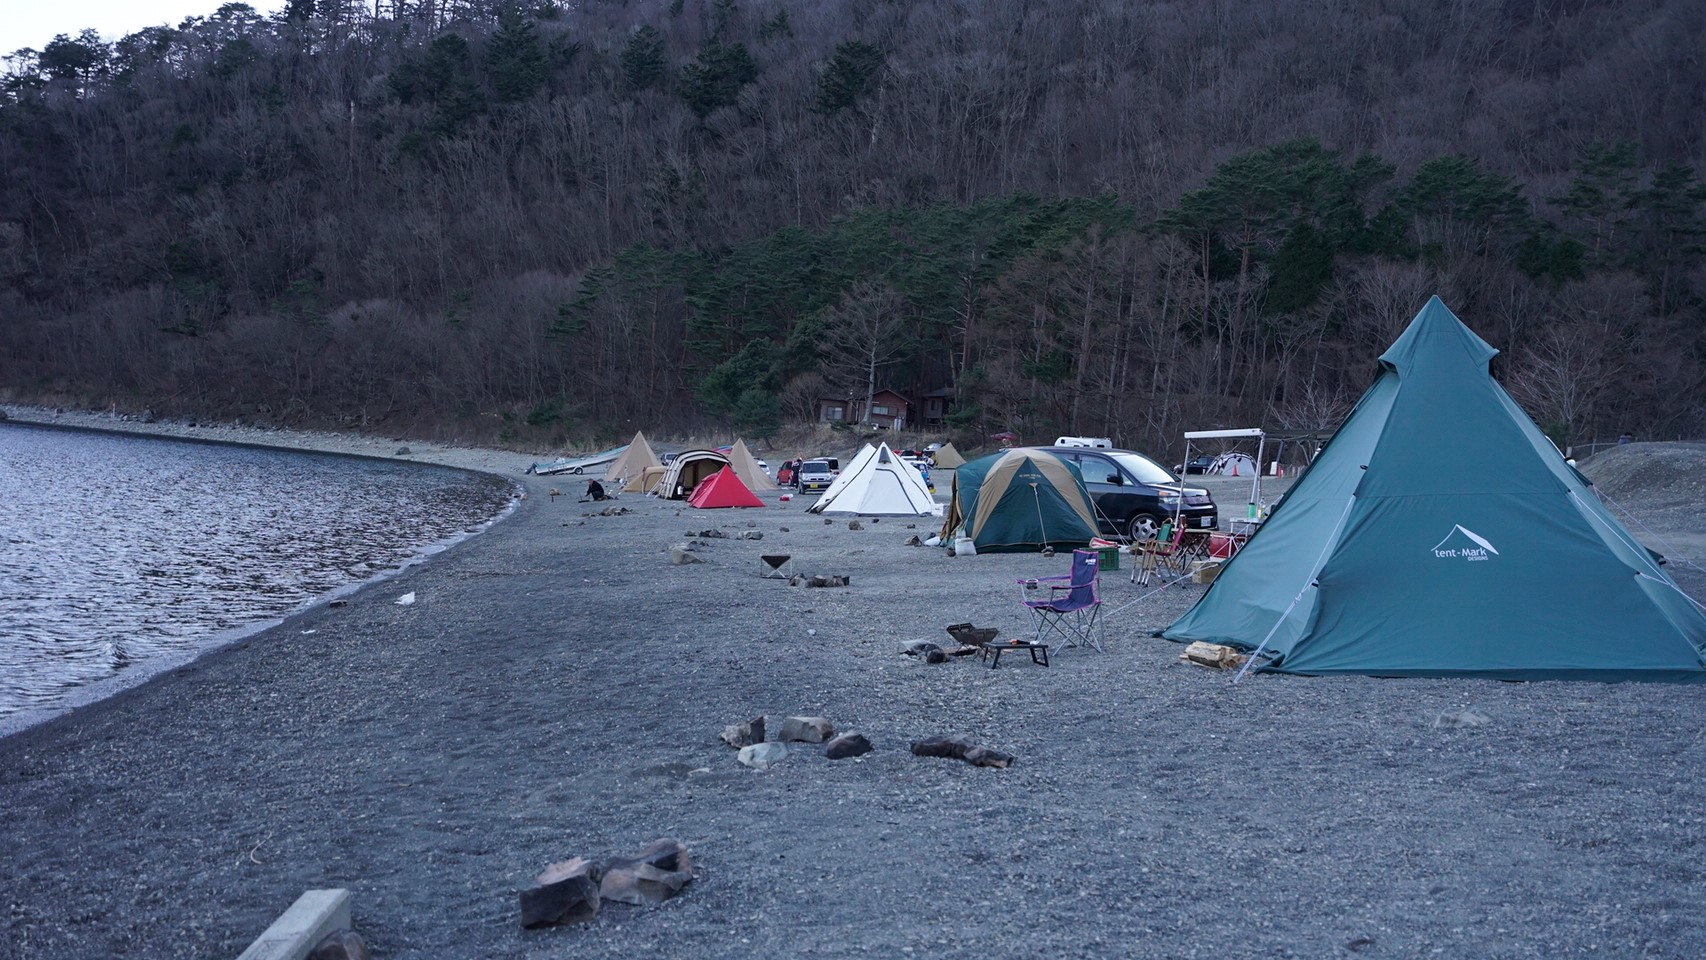 【大人気!ゆるキャン△整地】『浩庵キャンプ場』攻略ガイド(駐車場・トイレ)